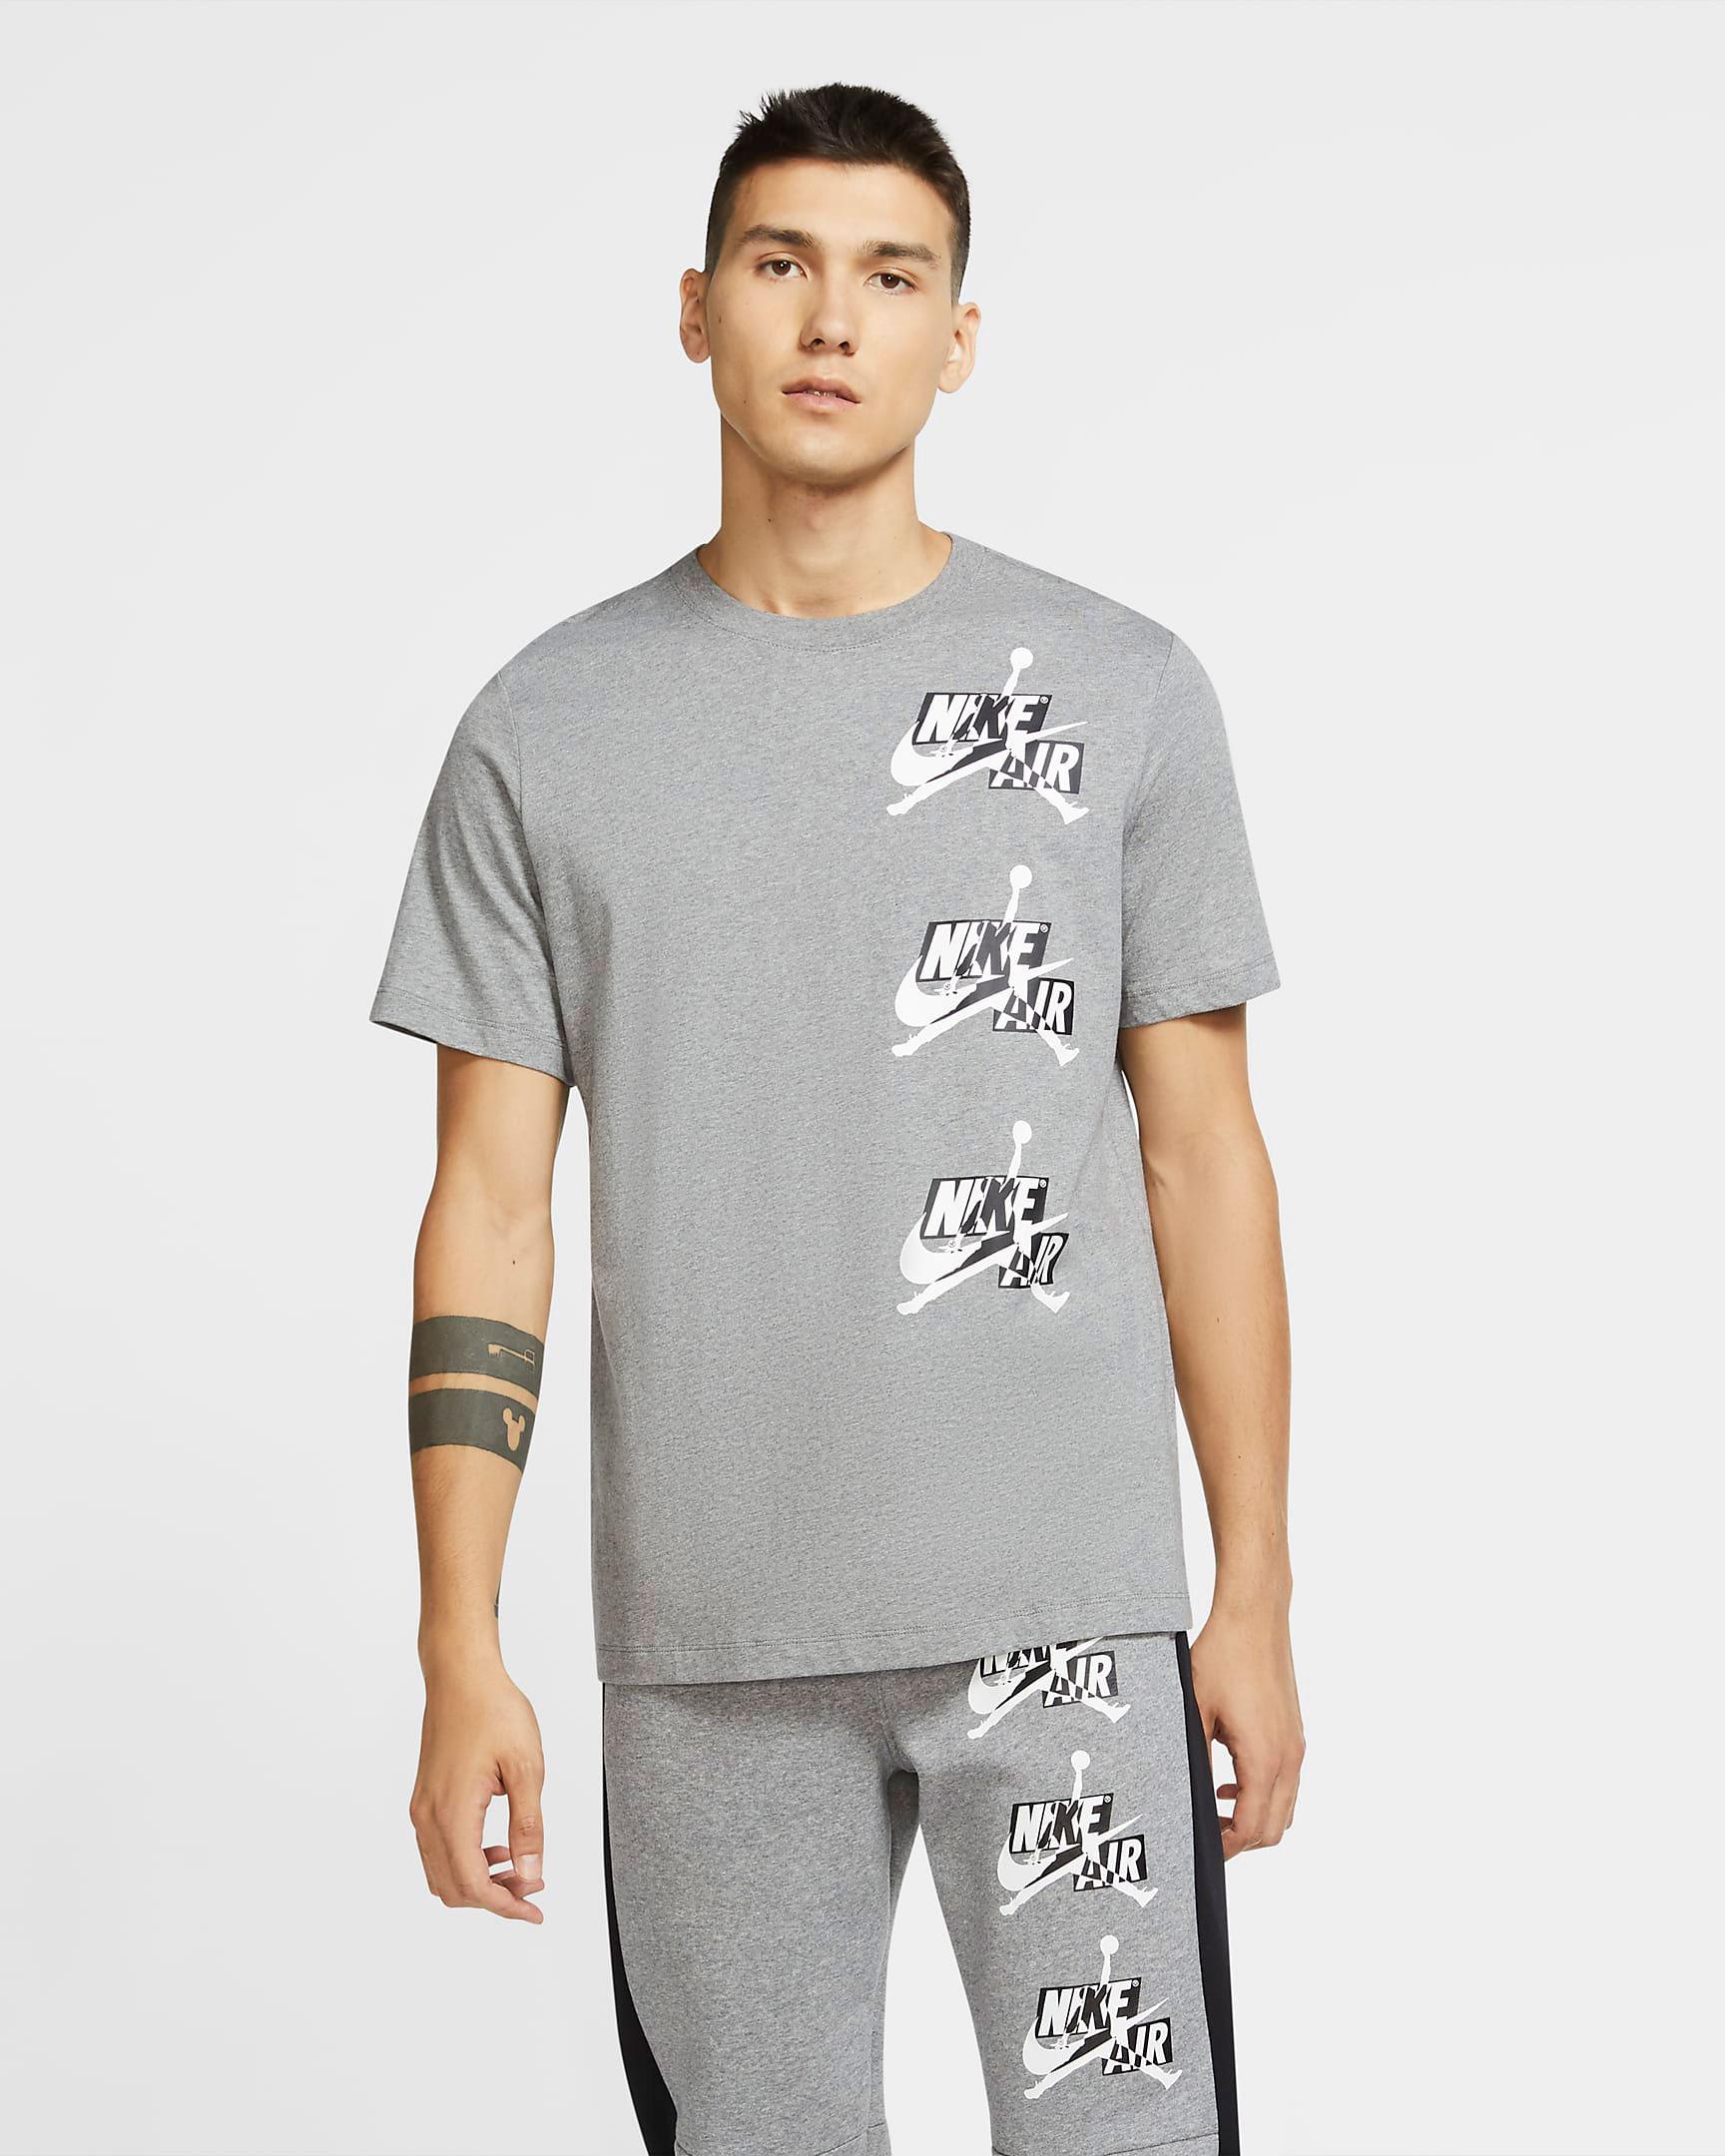 air-jordan-3-blue-cement-matching-shirt-3